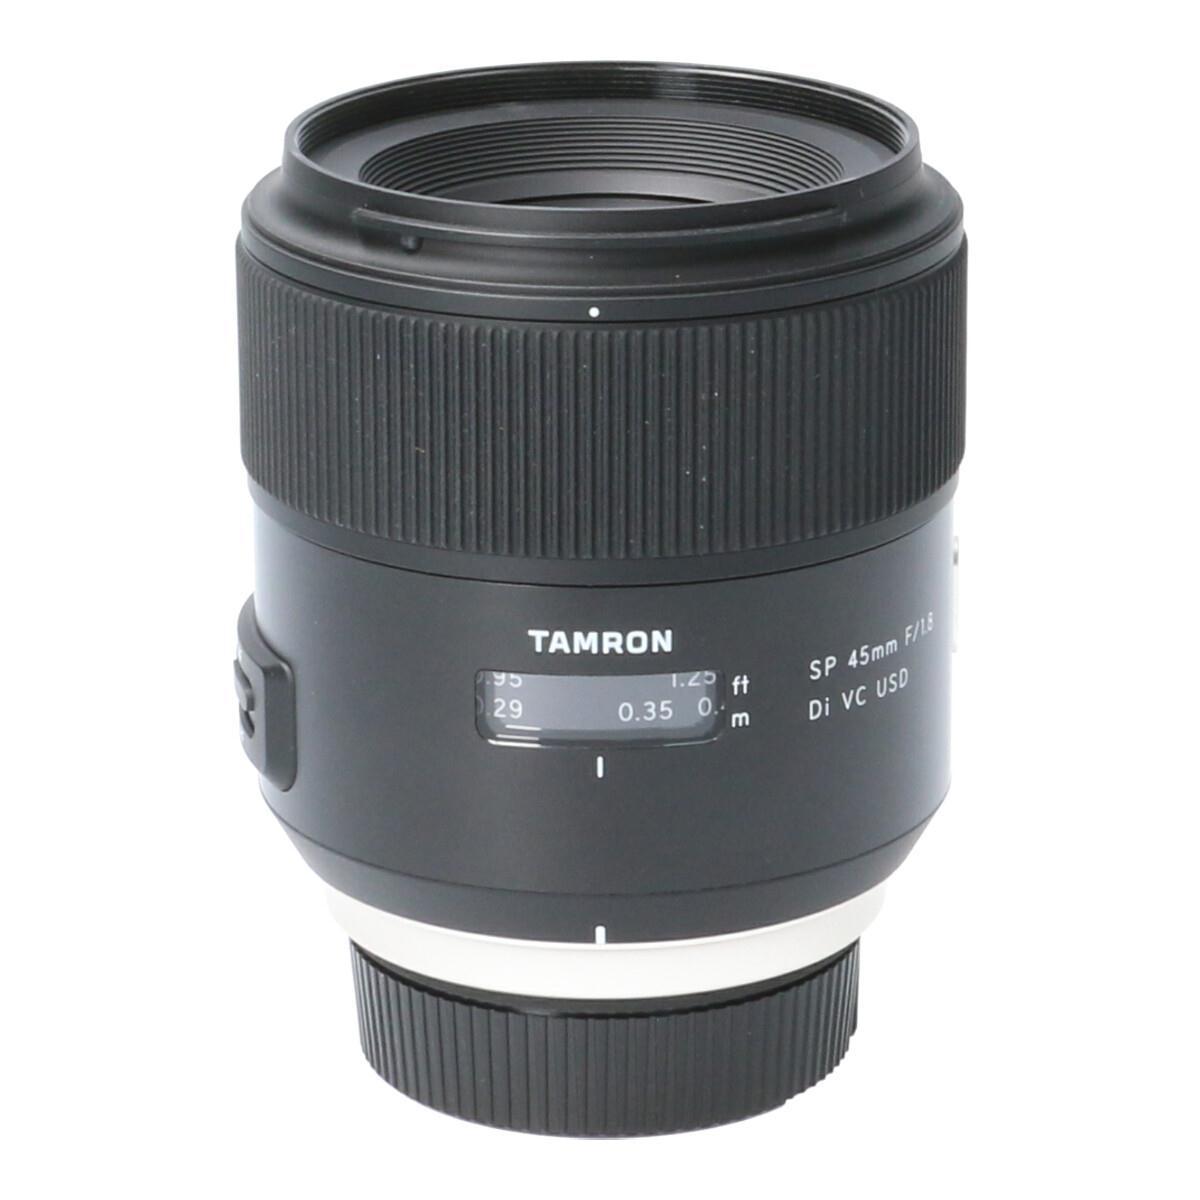 TAMRON ニコン45mm F1.8DI VC USD F013【中古】